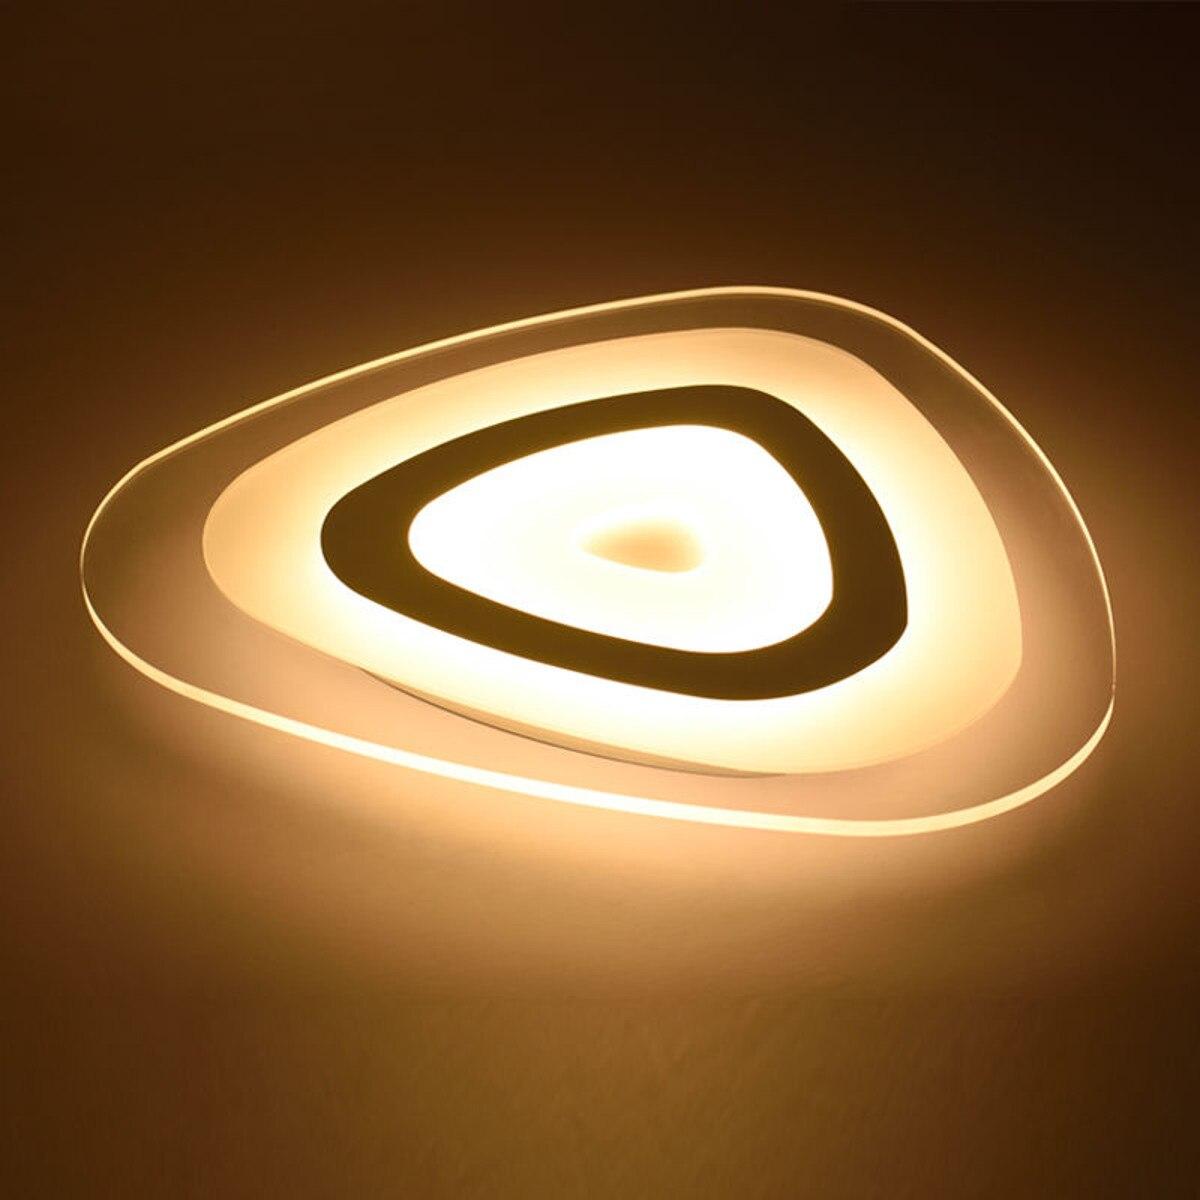 LED قوس مثلث الحديثة سامسونج ضوء السقف فلوش جبل الثريا مصابيح لغرفة المعيشة المنزل 35 واط